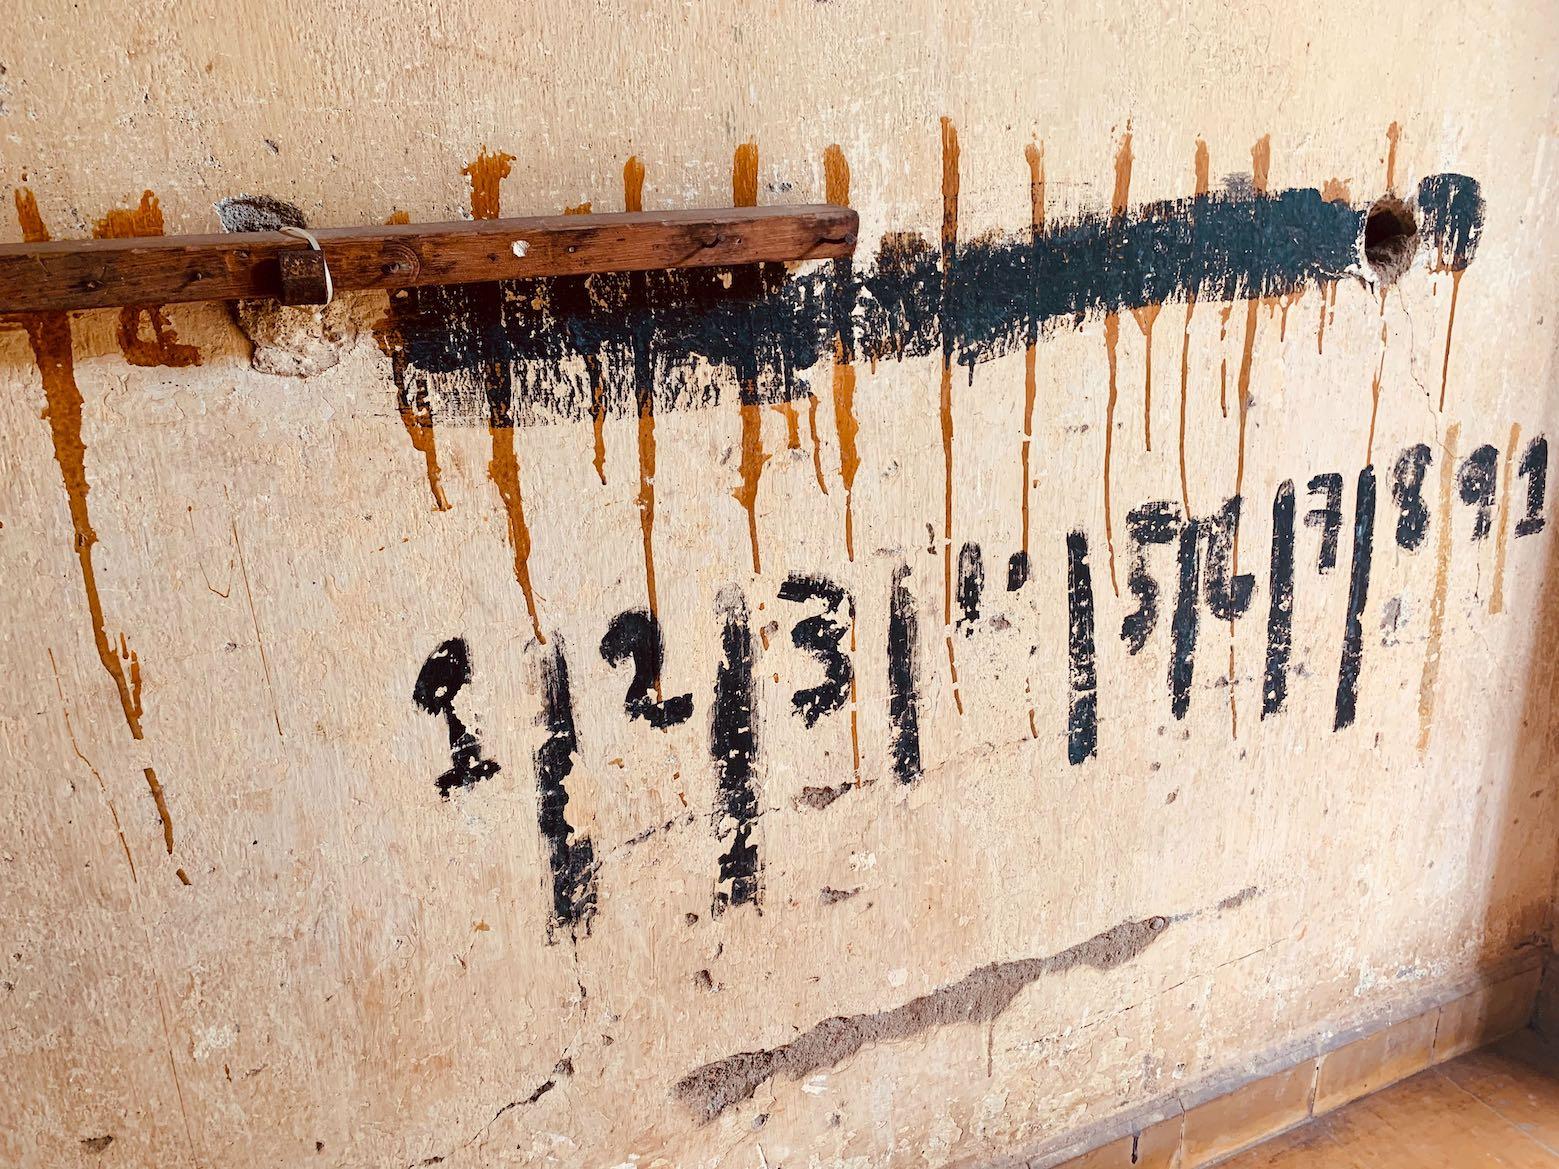 Wooden bar for hanging keys Tuol Sleng prison and torture centre